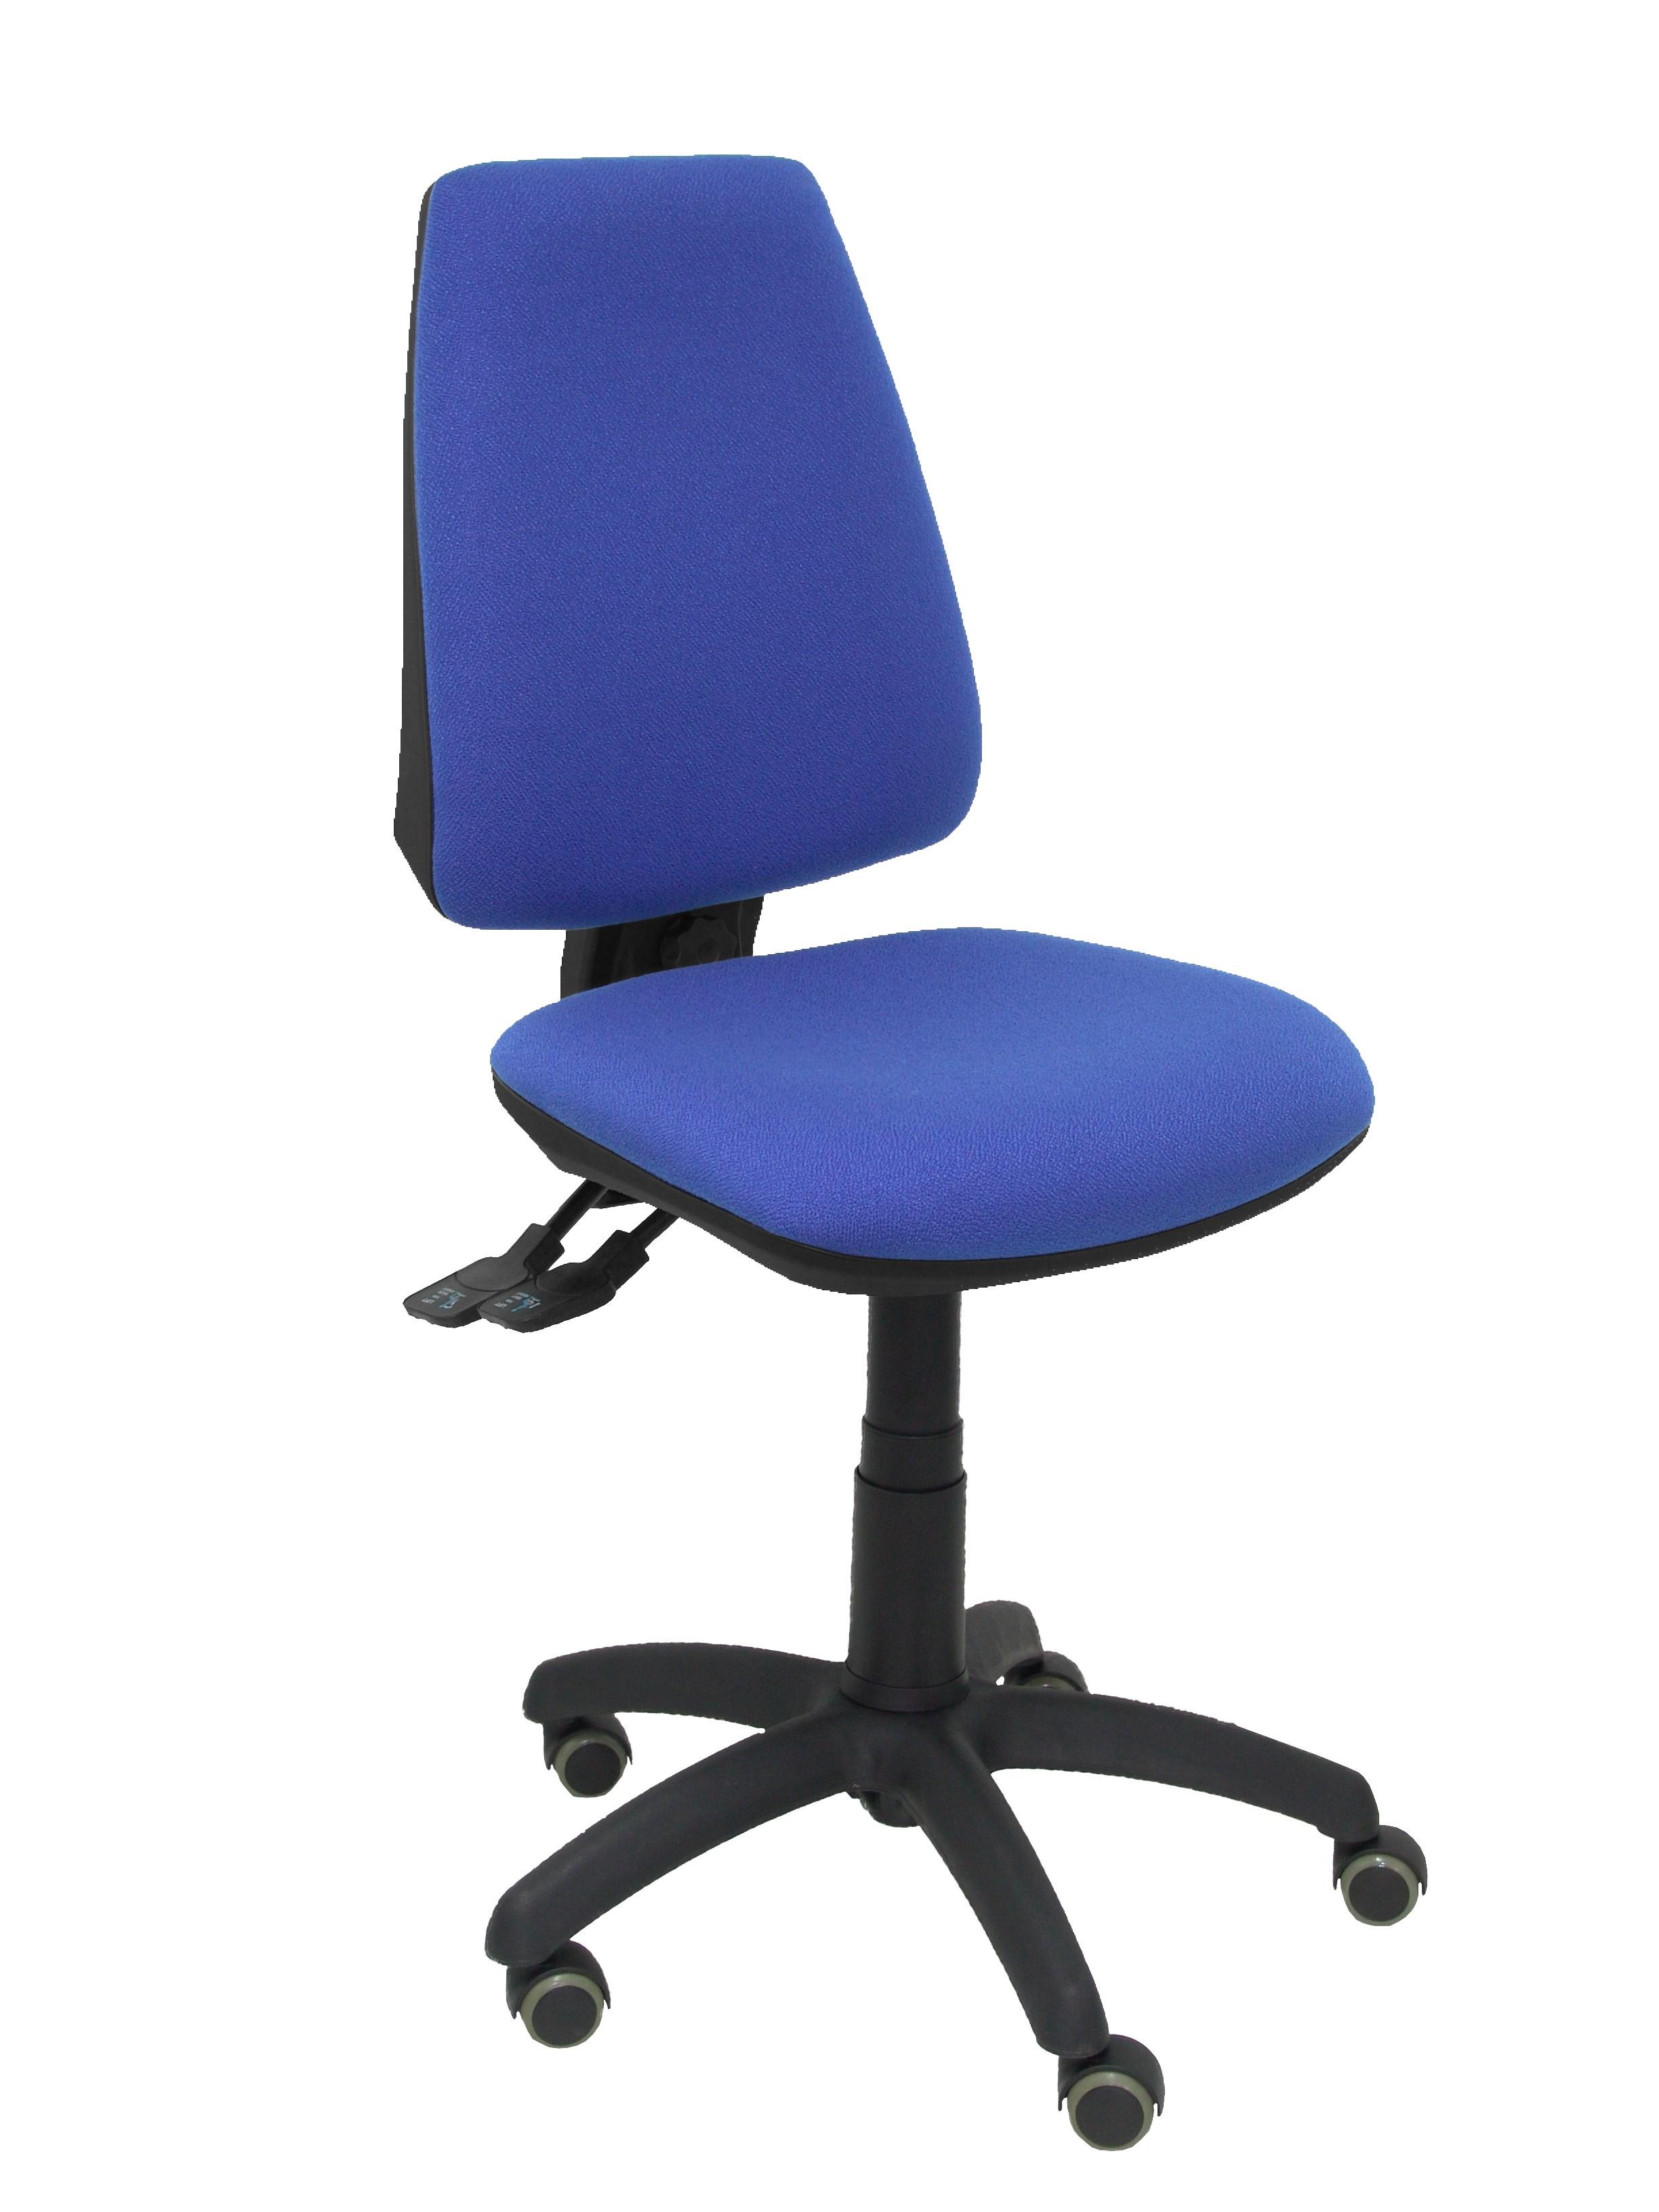 silla elche s bali azul ruedas de parquet